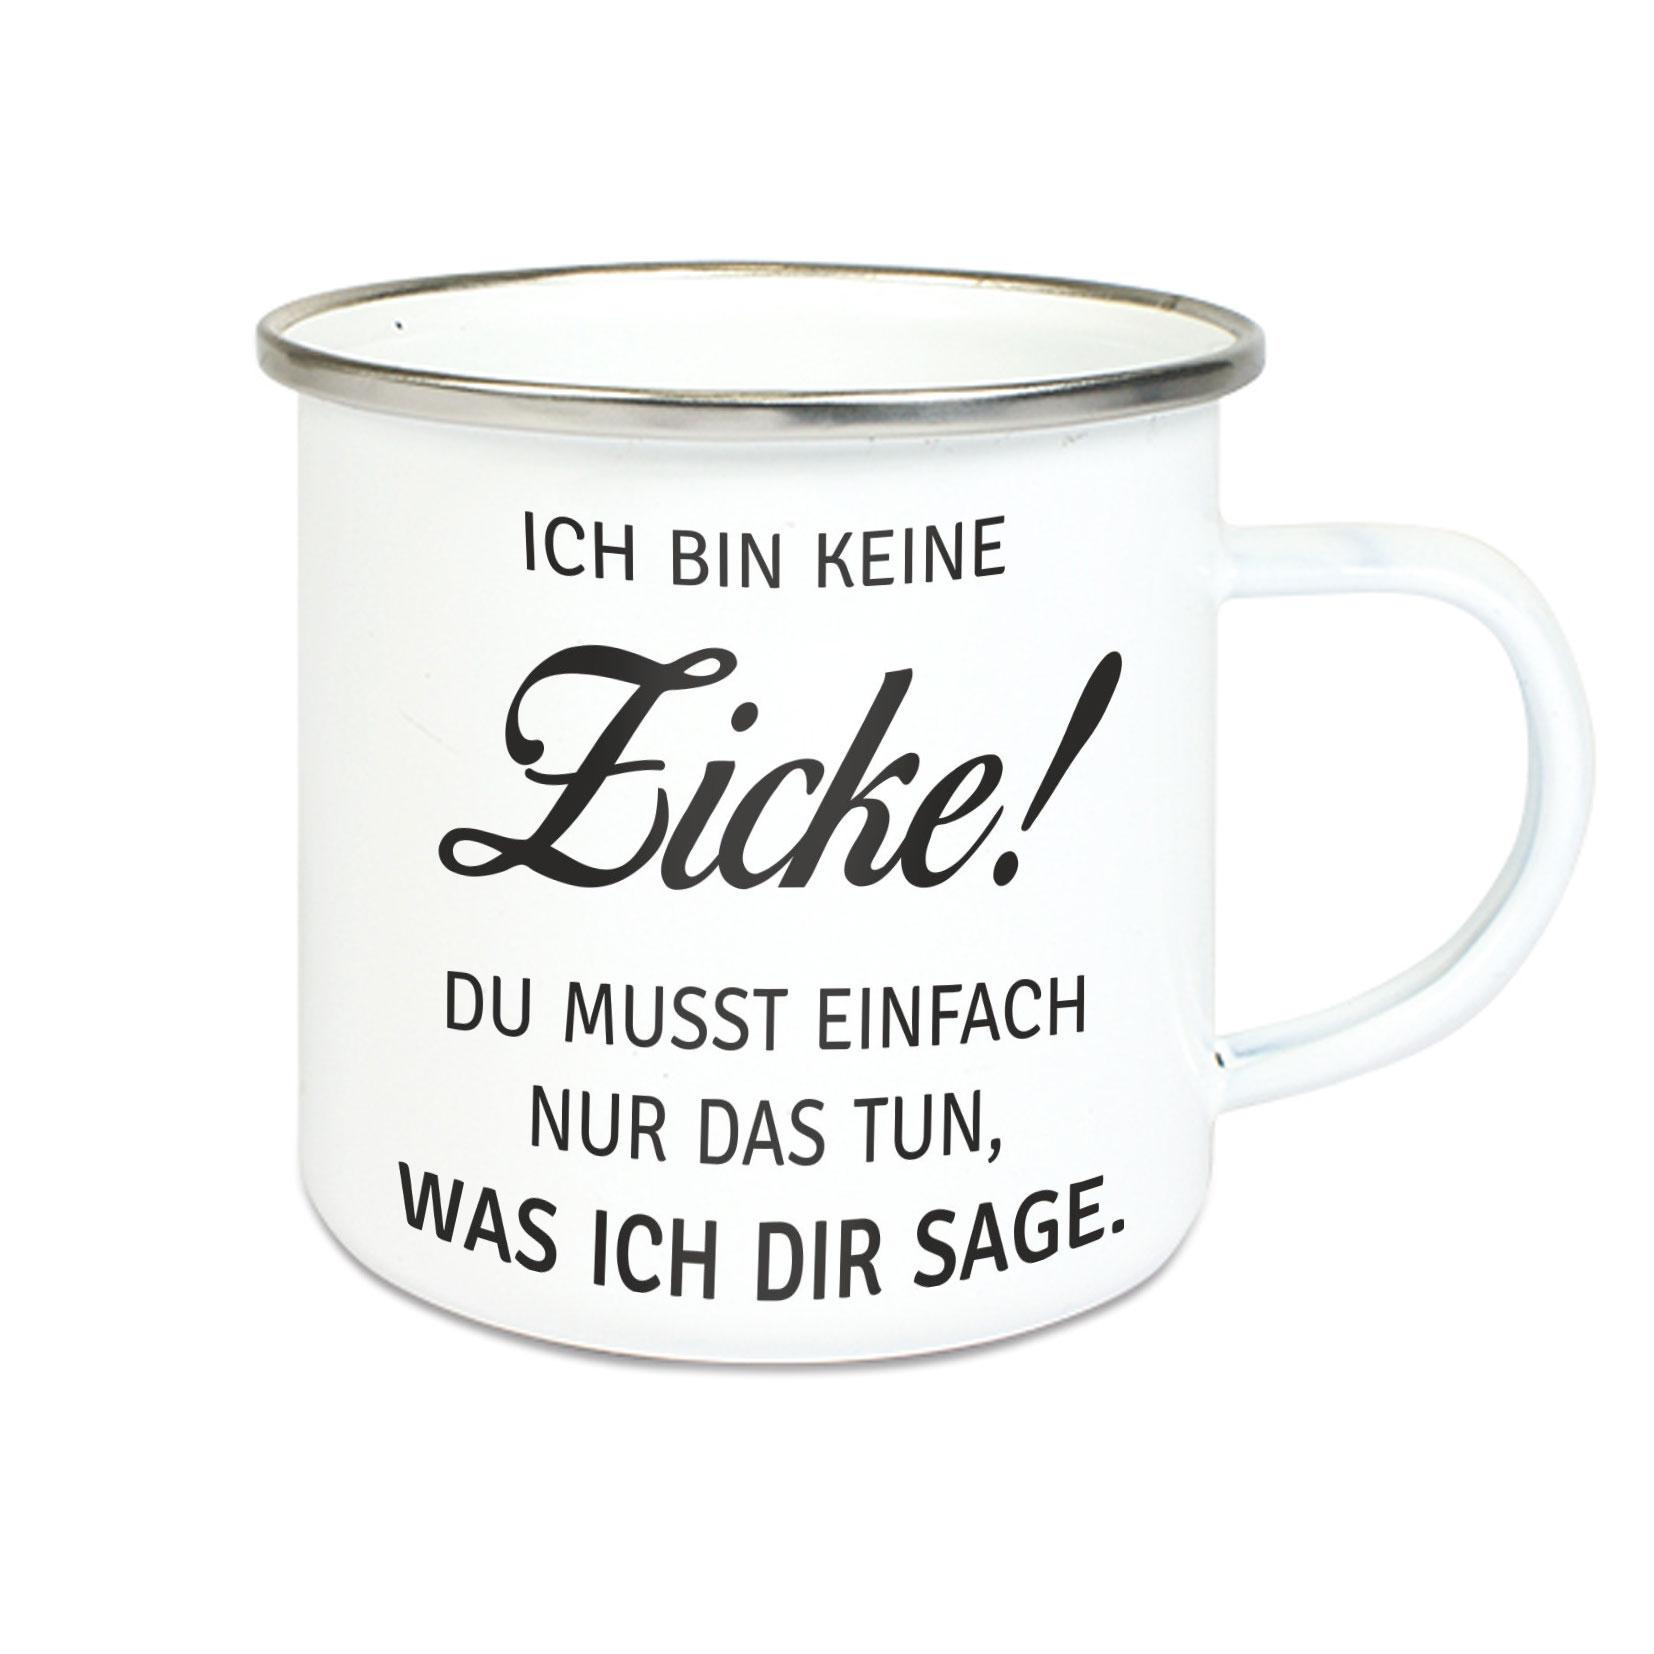 Emalie Tasse: ICH BIN KEINE ZICKE ..... Kaffeebecher Kaffeetasse bedruckt